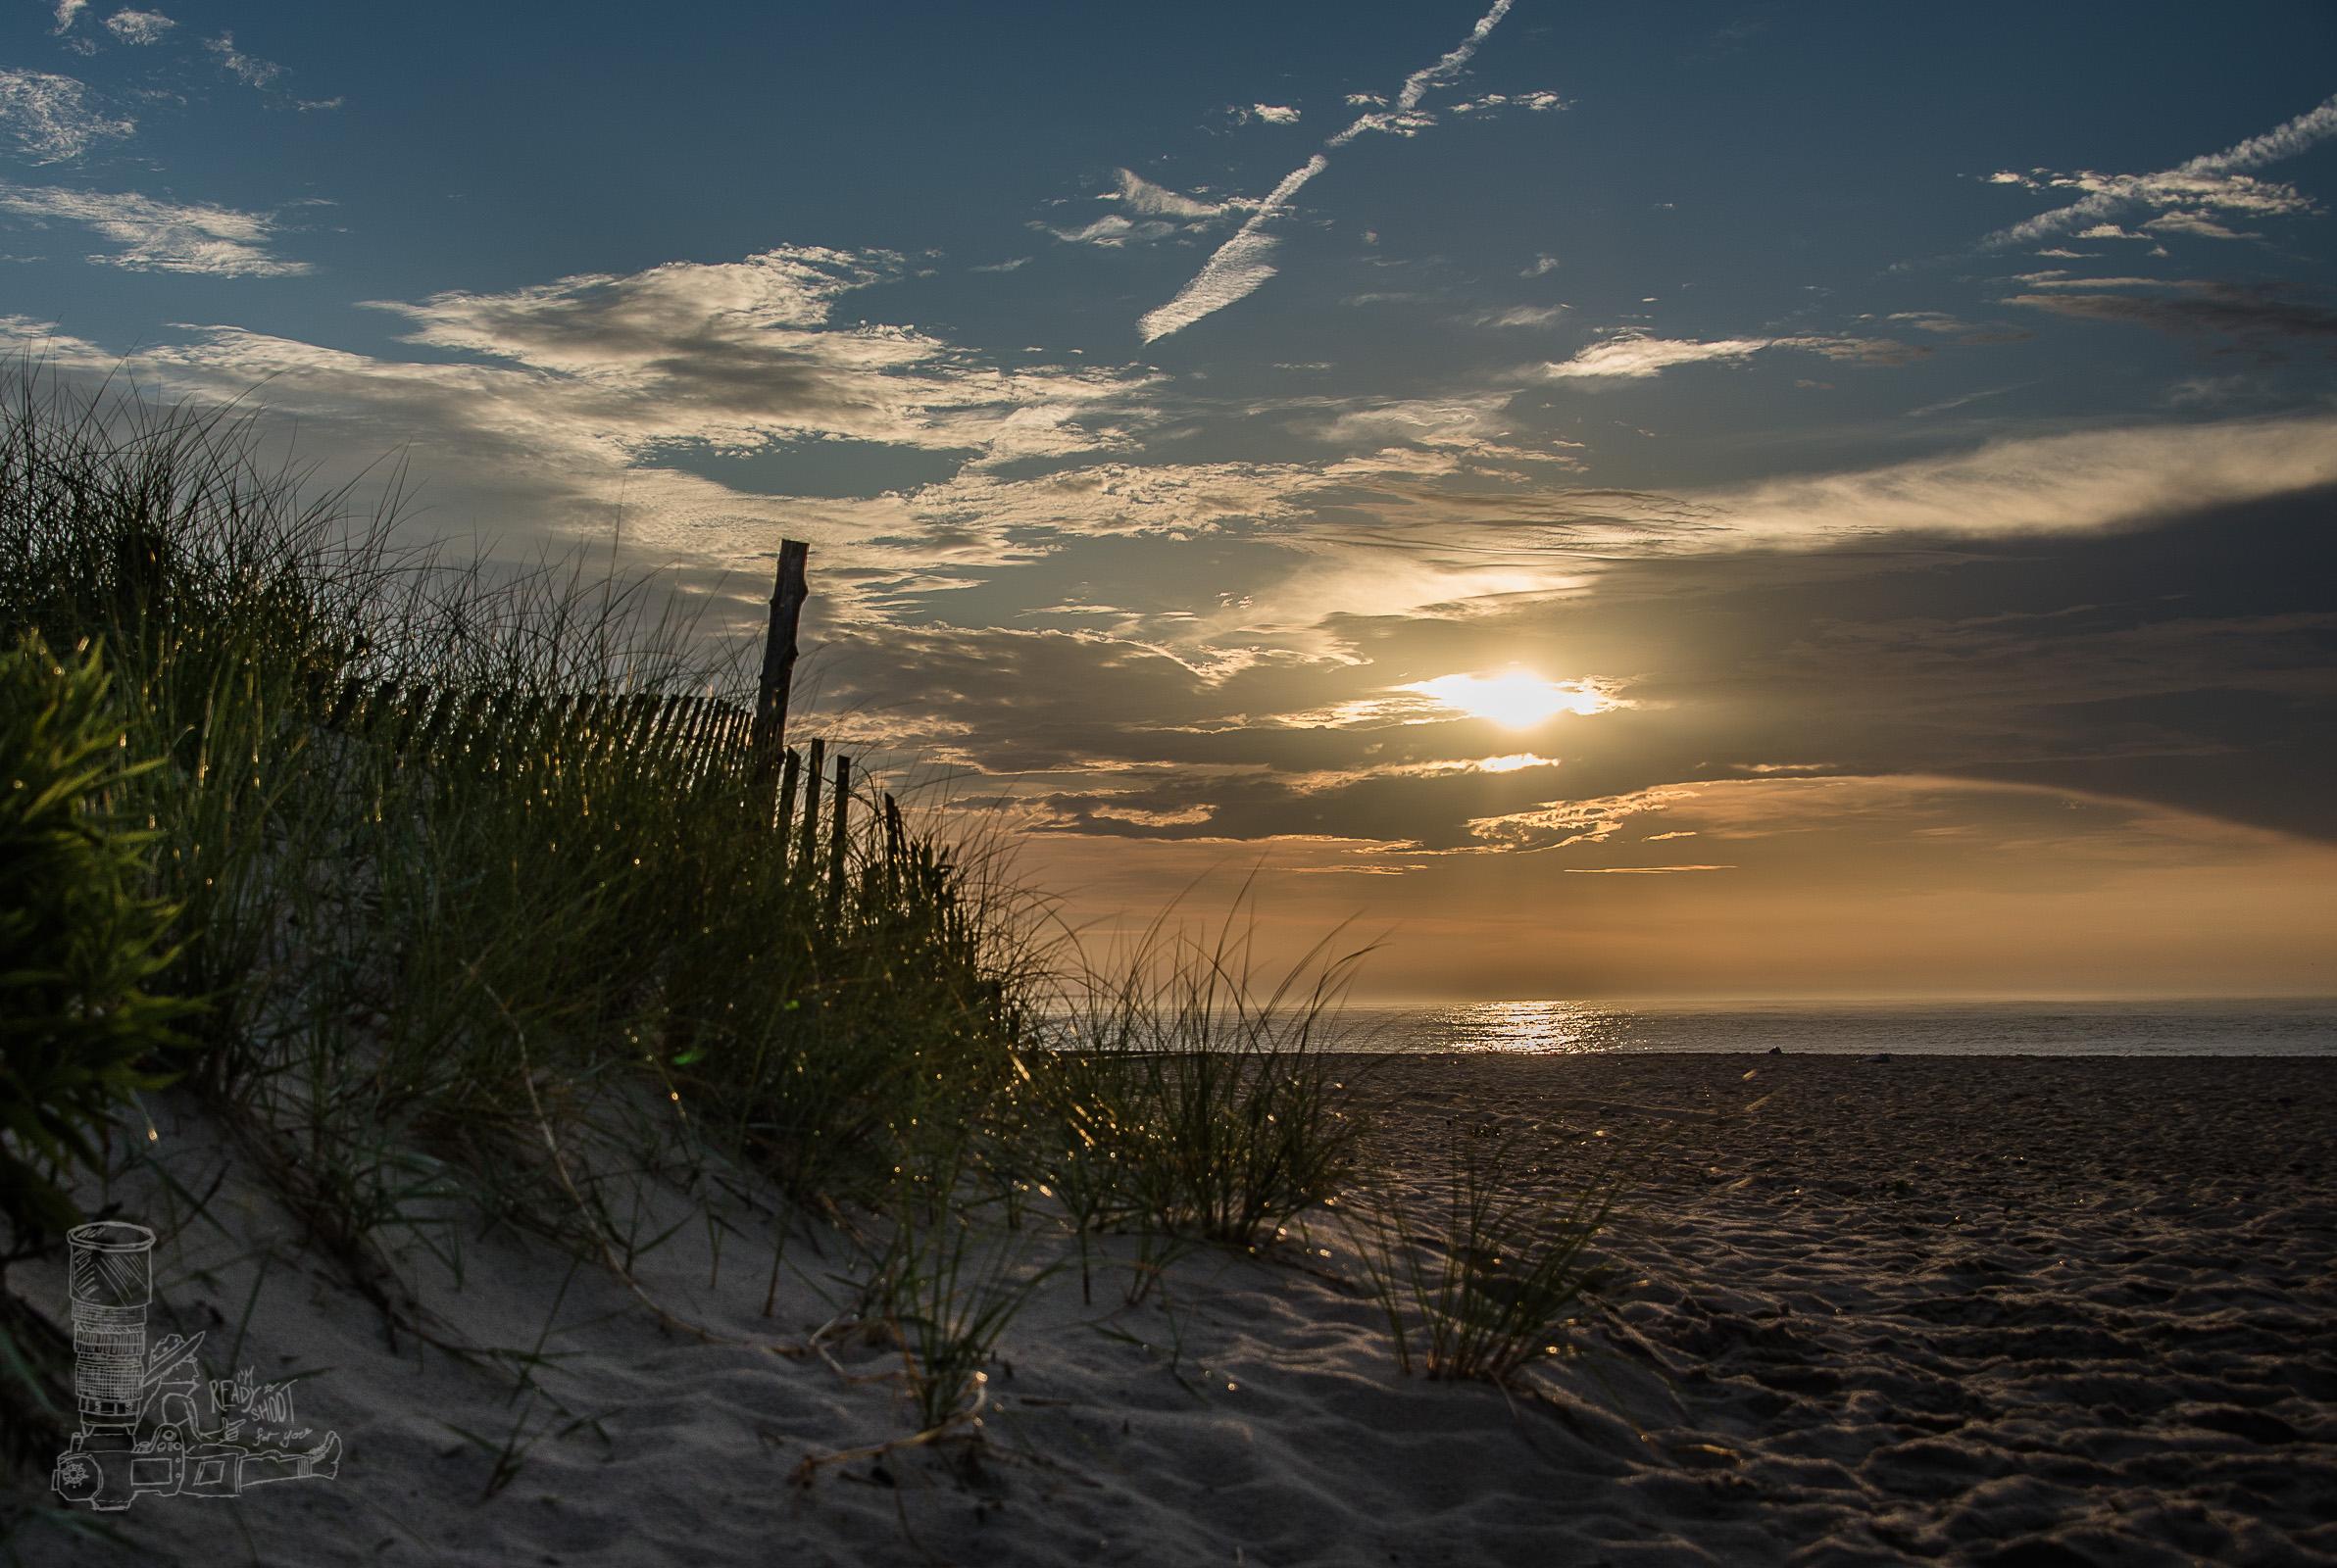 Morning in Delaware